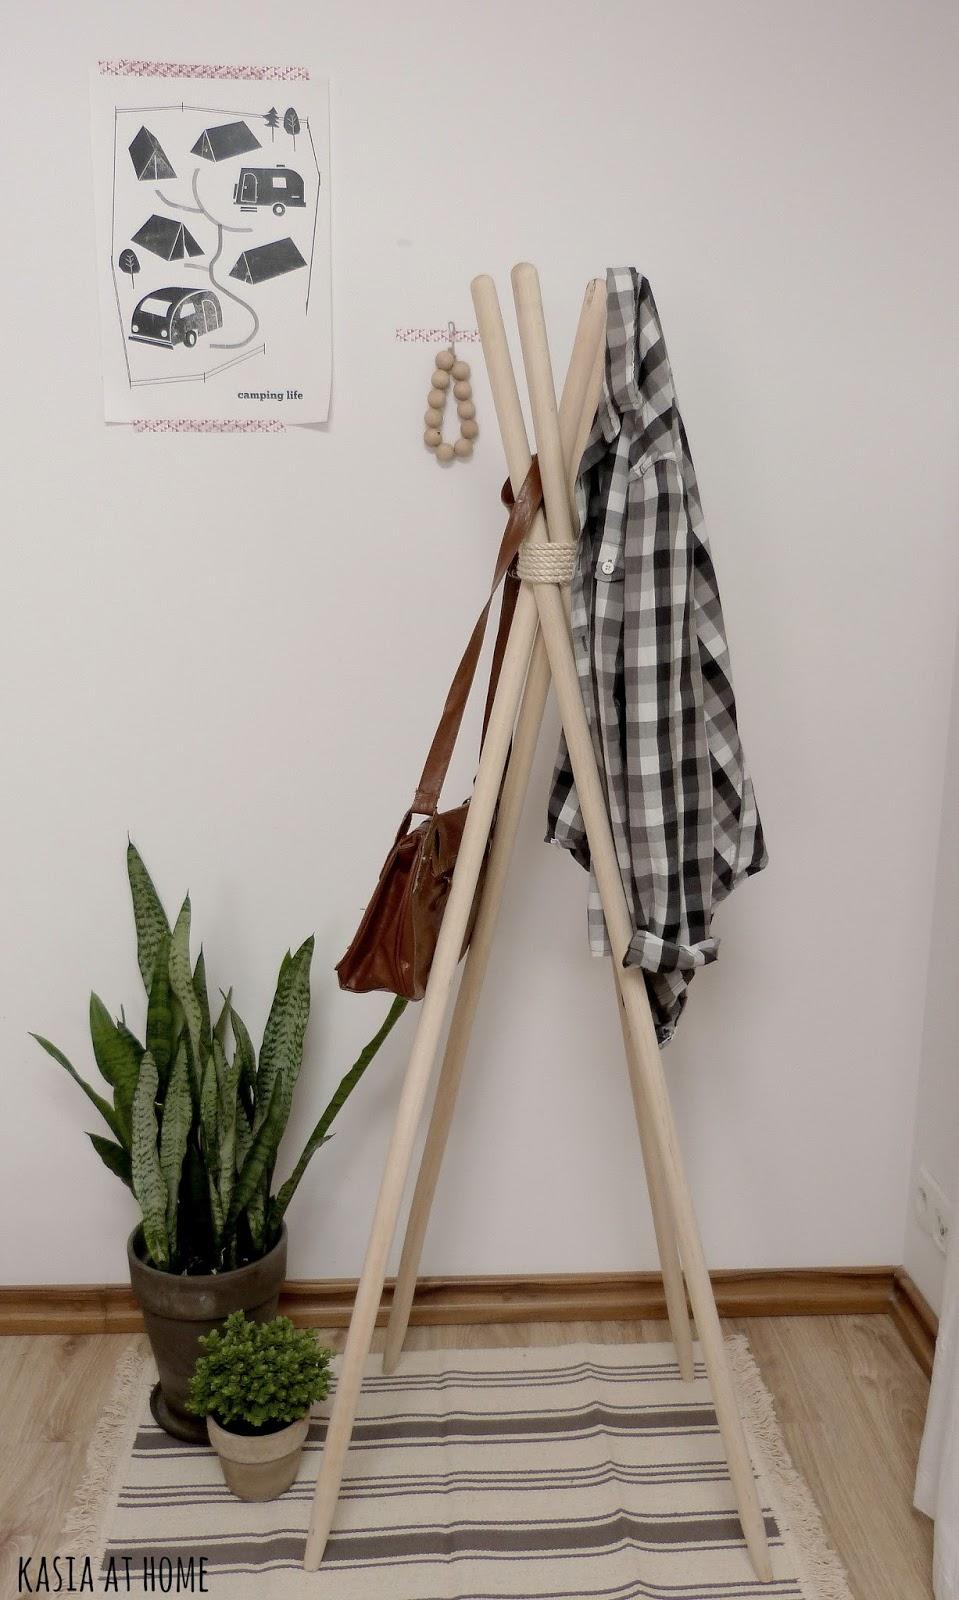 Diy wieszak na ubranie kasia at home Home ubrania